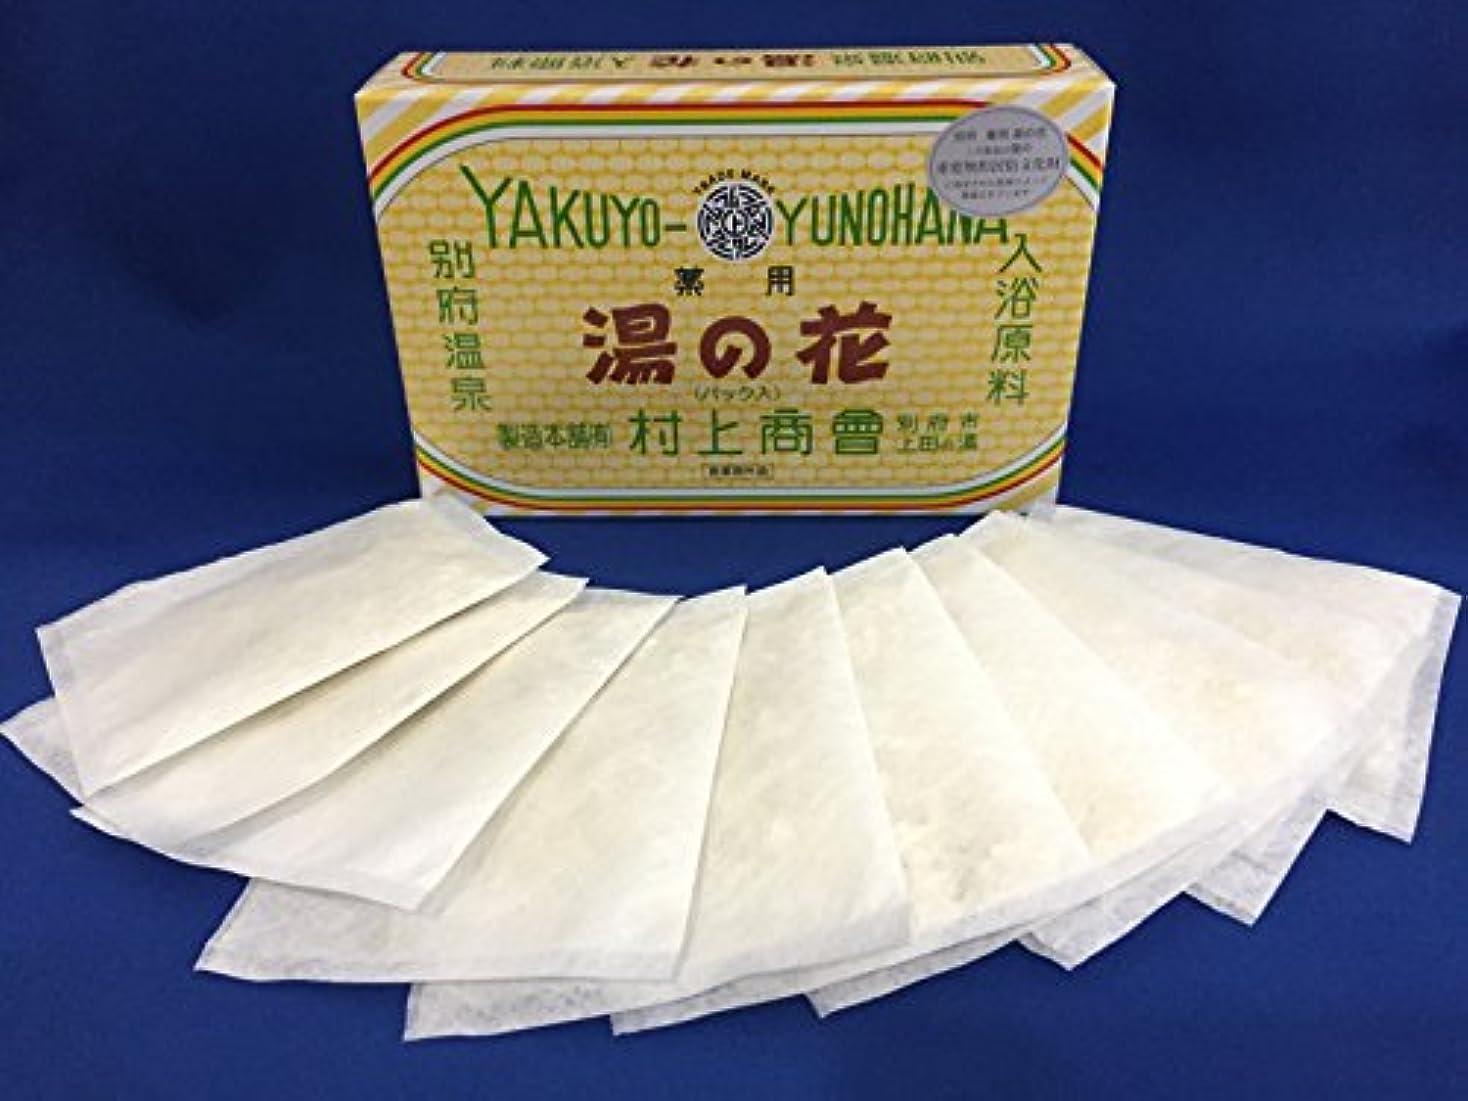 香水化合物安全な別府温泉 薬用湯の花10袋入り